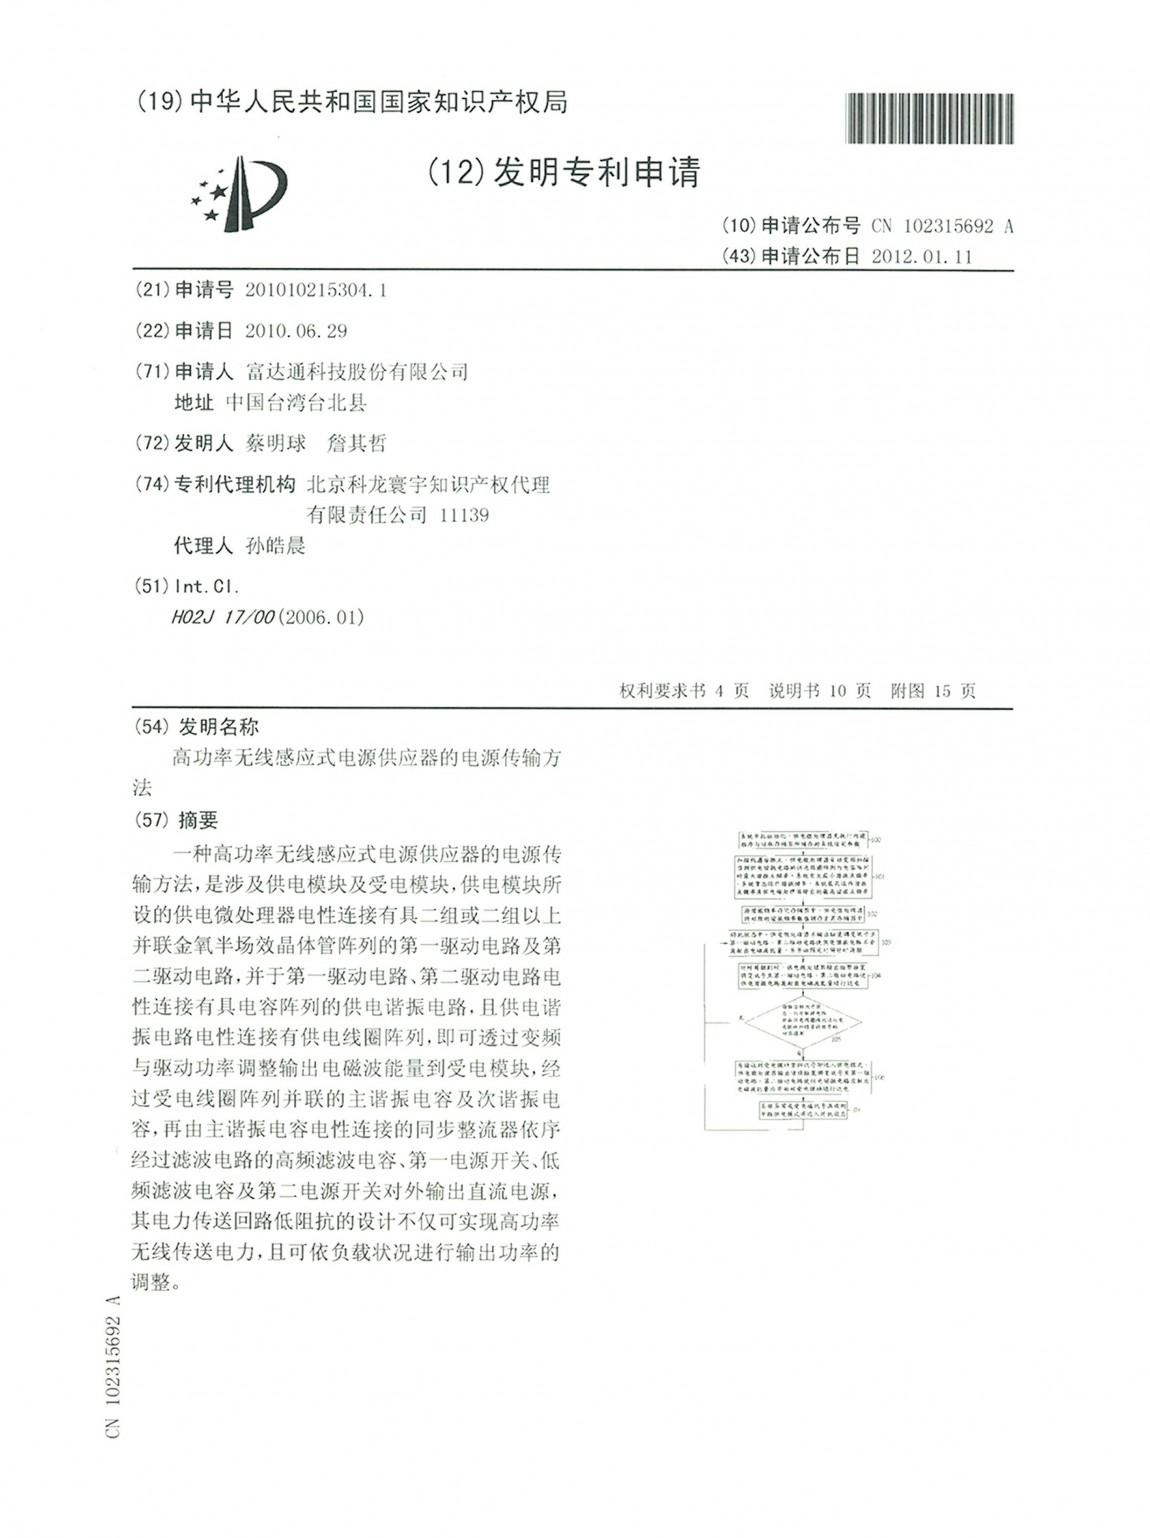 富達通專利04-高功率無線感應式電源供應器之電源傳輸方法(中國)CN2010102153041